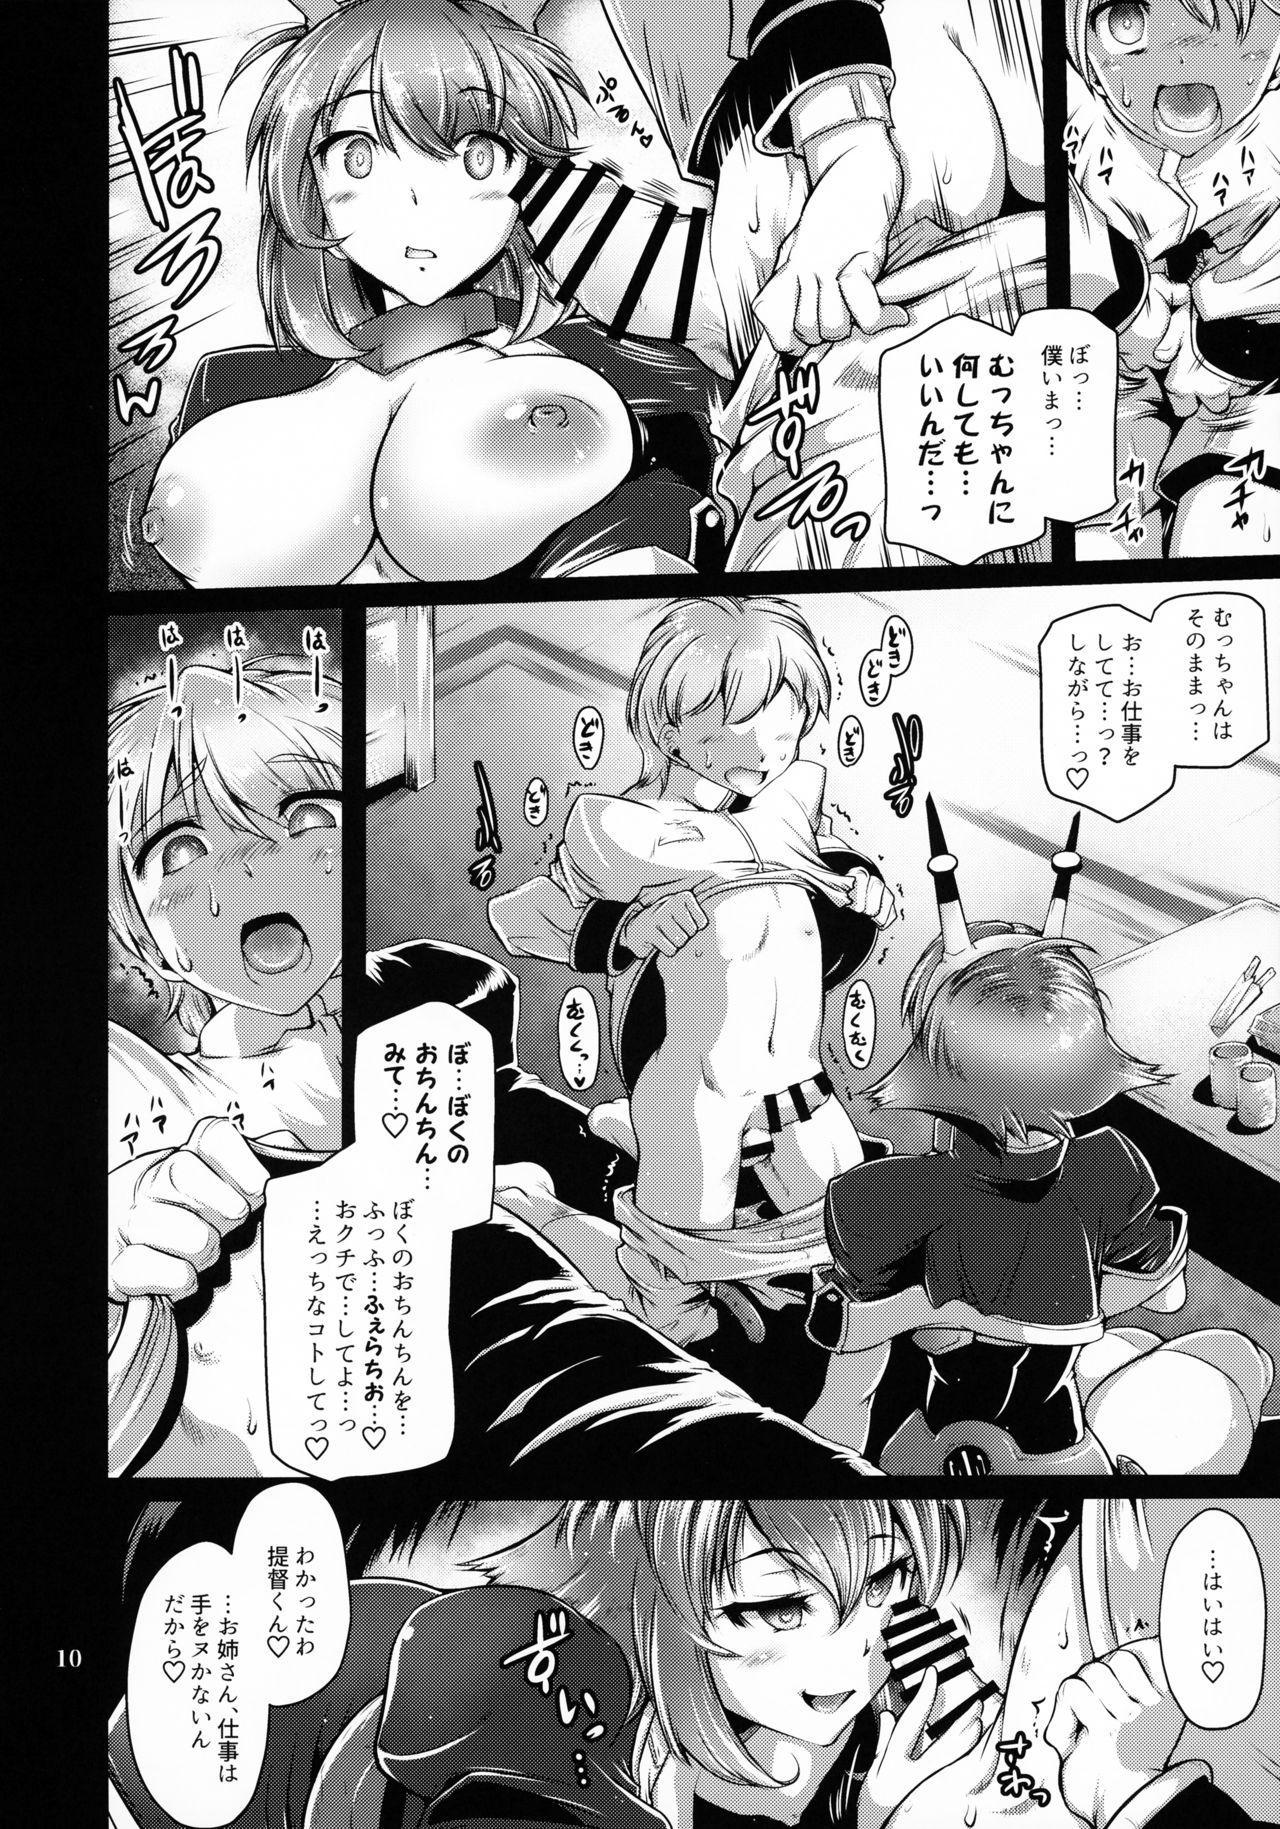 Himitsu no Big Seven 8